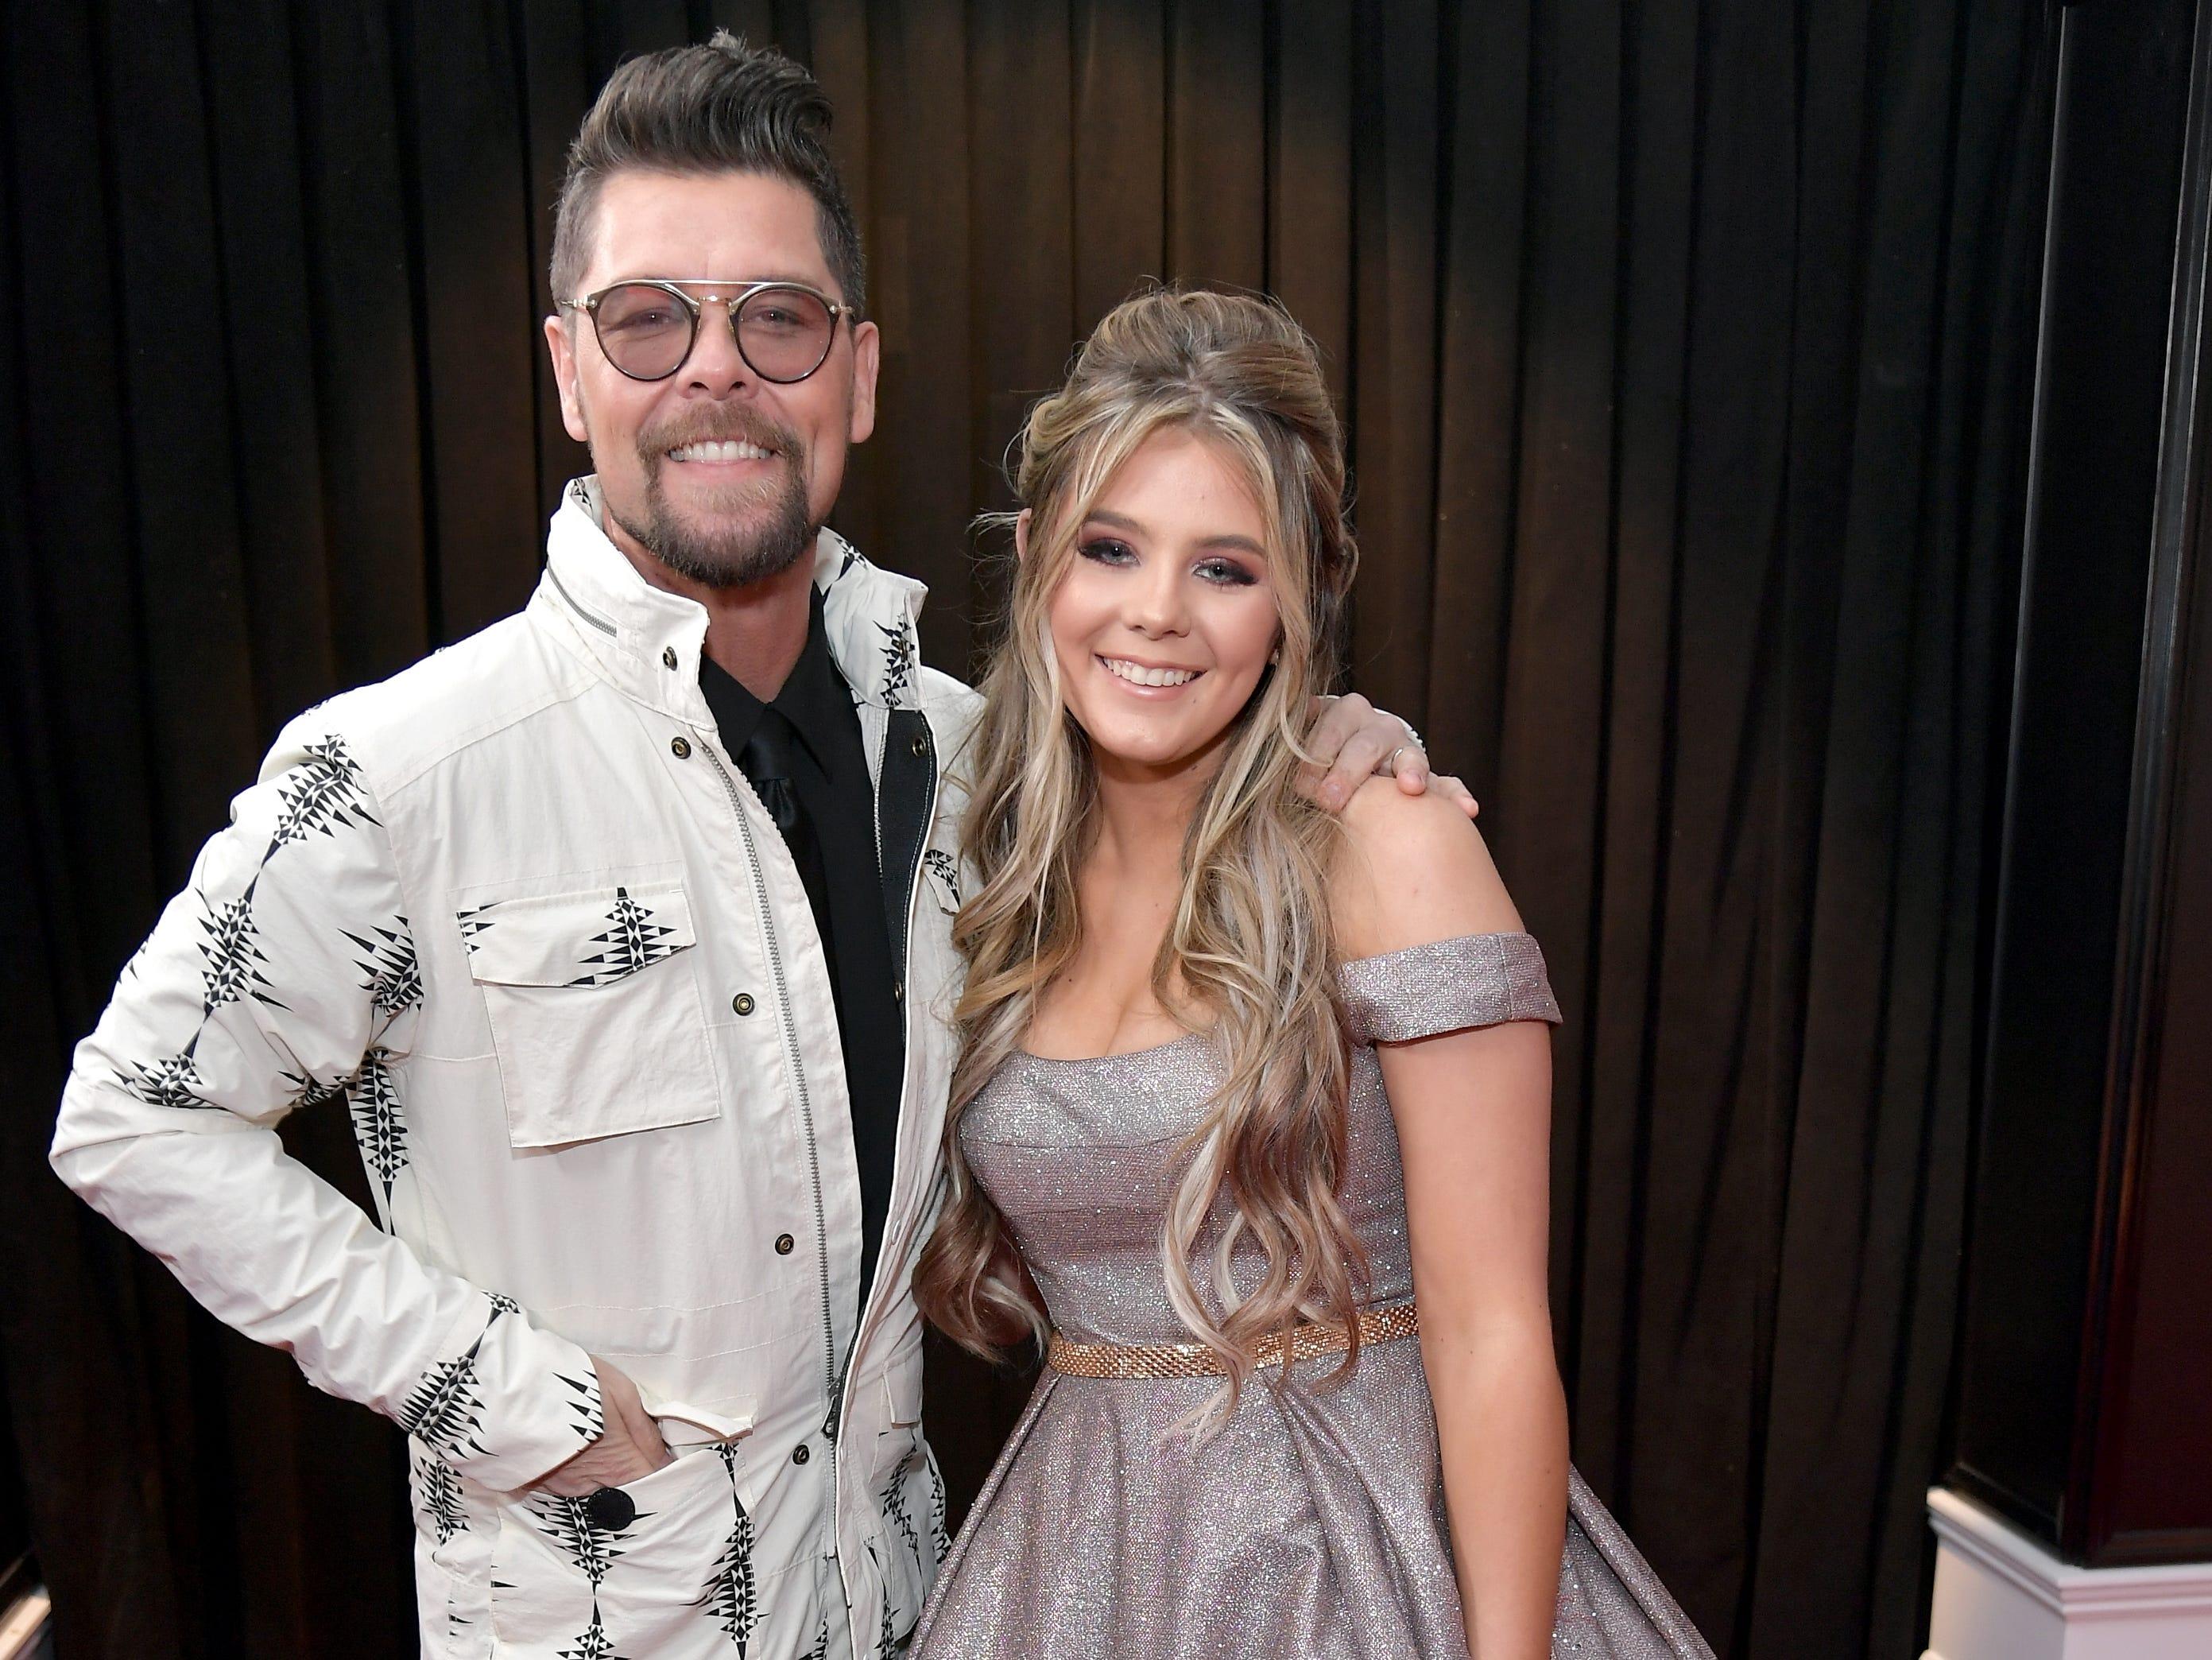 Jason Crabb (izq) y Ashleigh Crabb asisten a la 61ª edición de los premios GRAMMY en el Staples Center el 10 de febrero de 2019 en Los Ángeles, California.